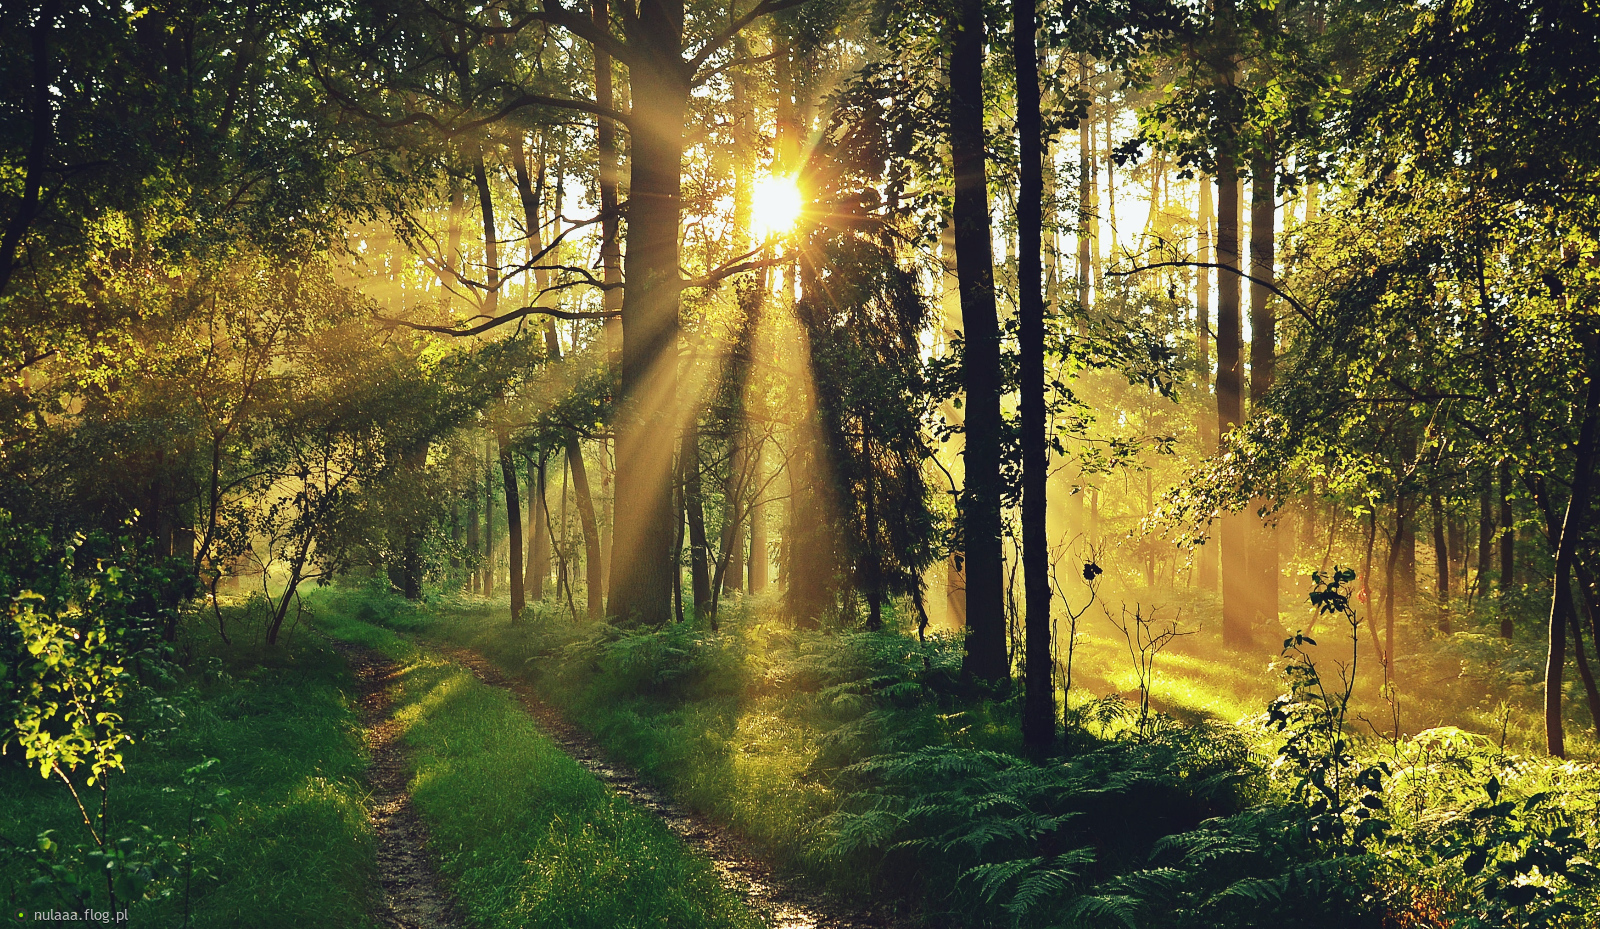 Dobrej Nocy a jutro pięknego dnia ze słonkiem:)